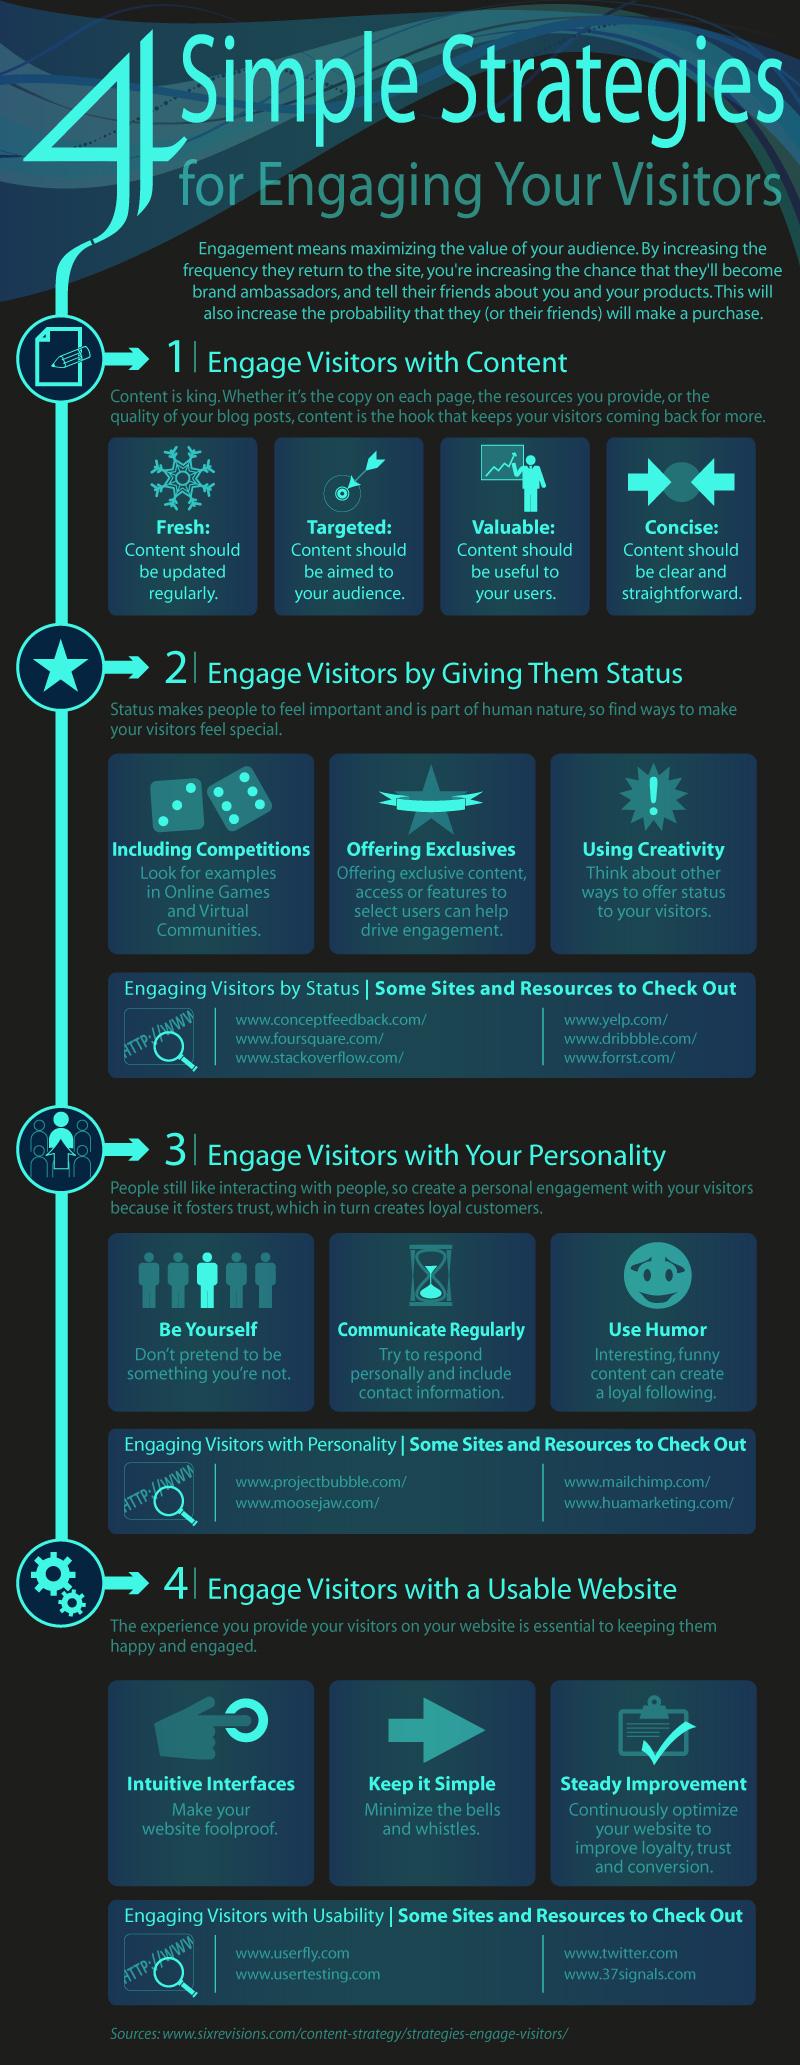 4 maneras de conectar con tus visitas